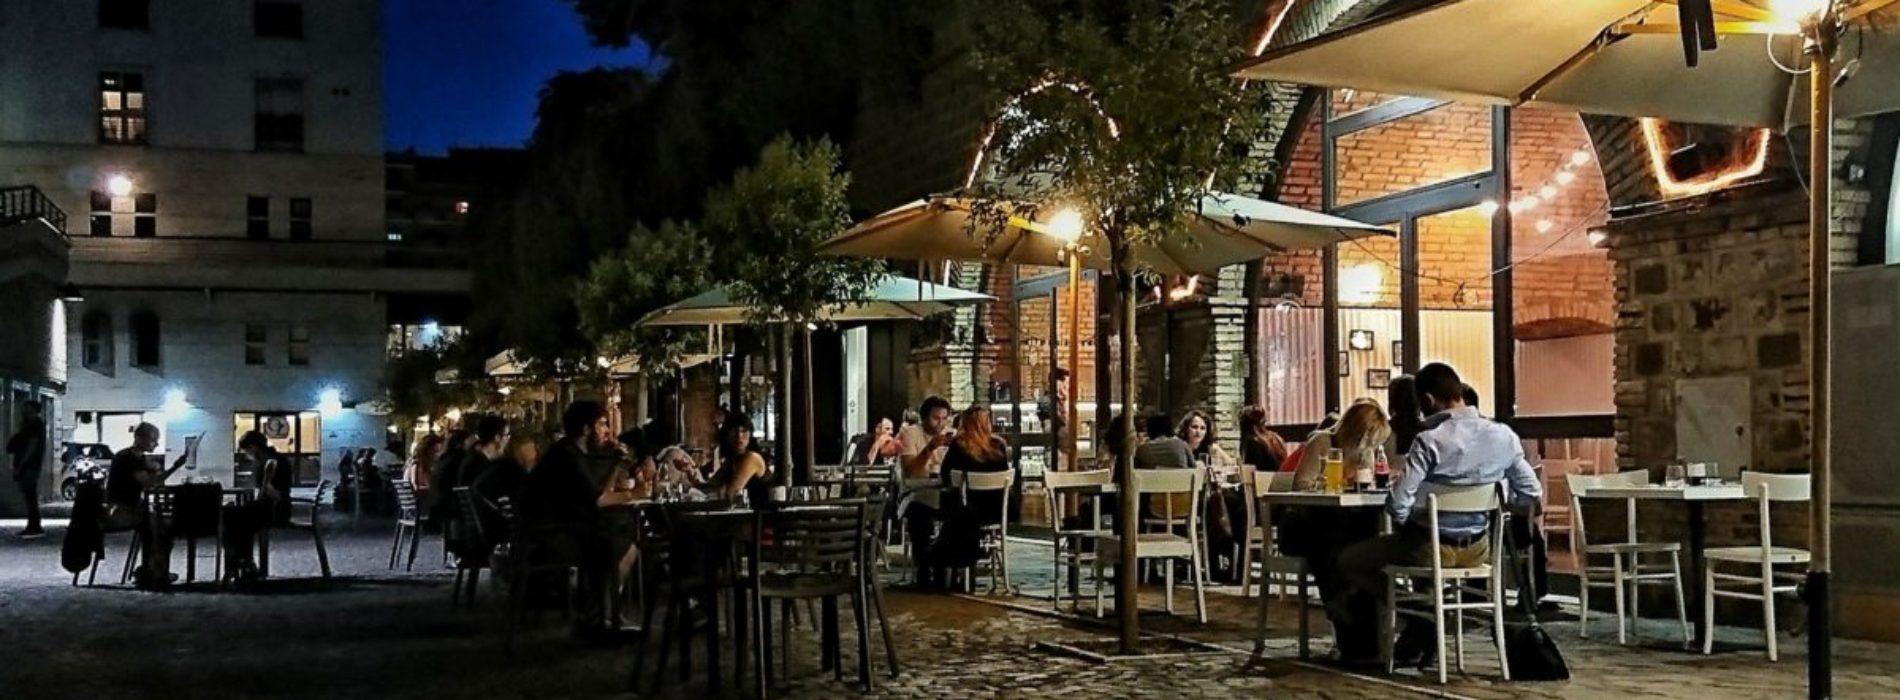 Mangiare Allaperto A Roma Ristoranti E Trattorie Con Dehors